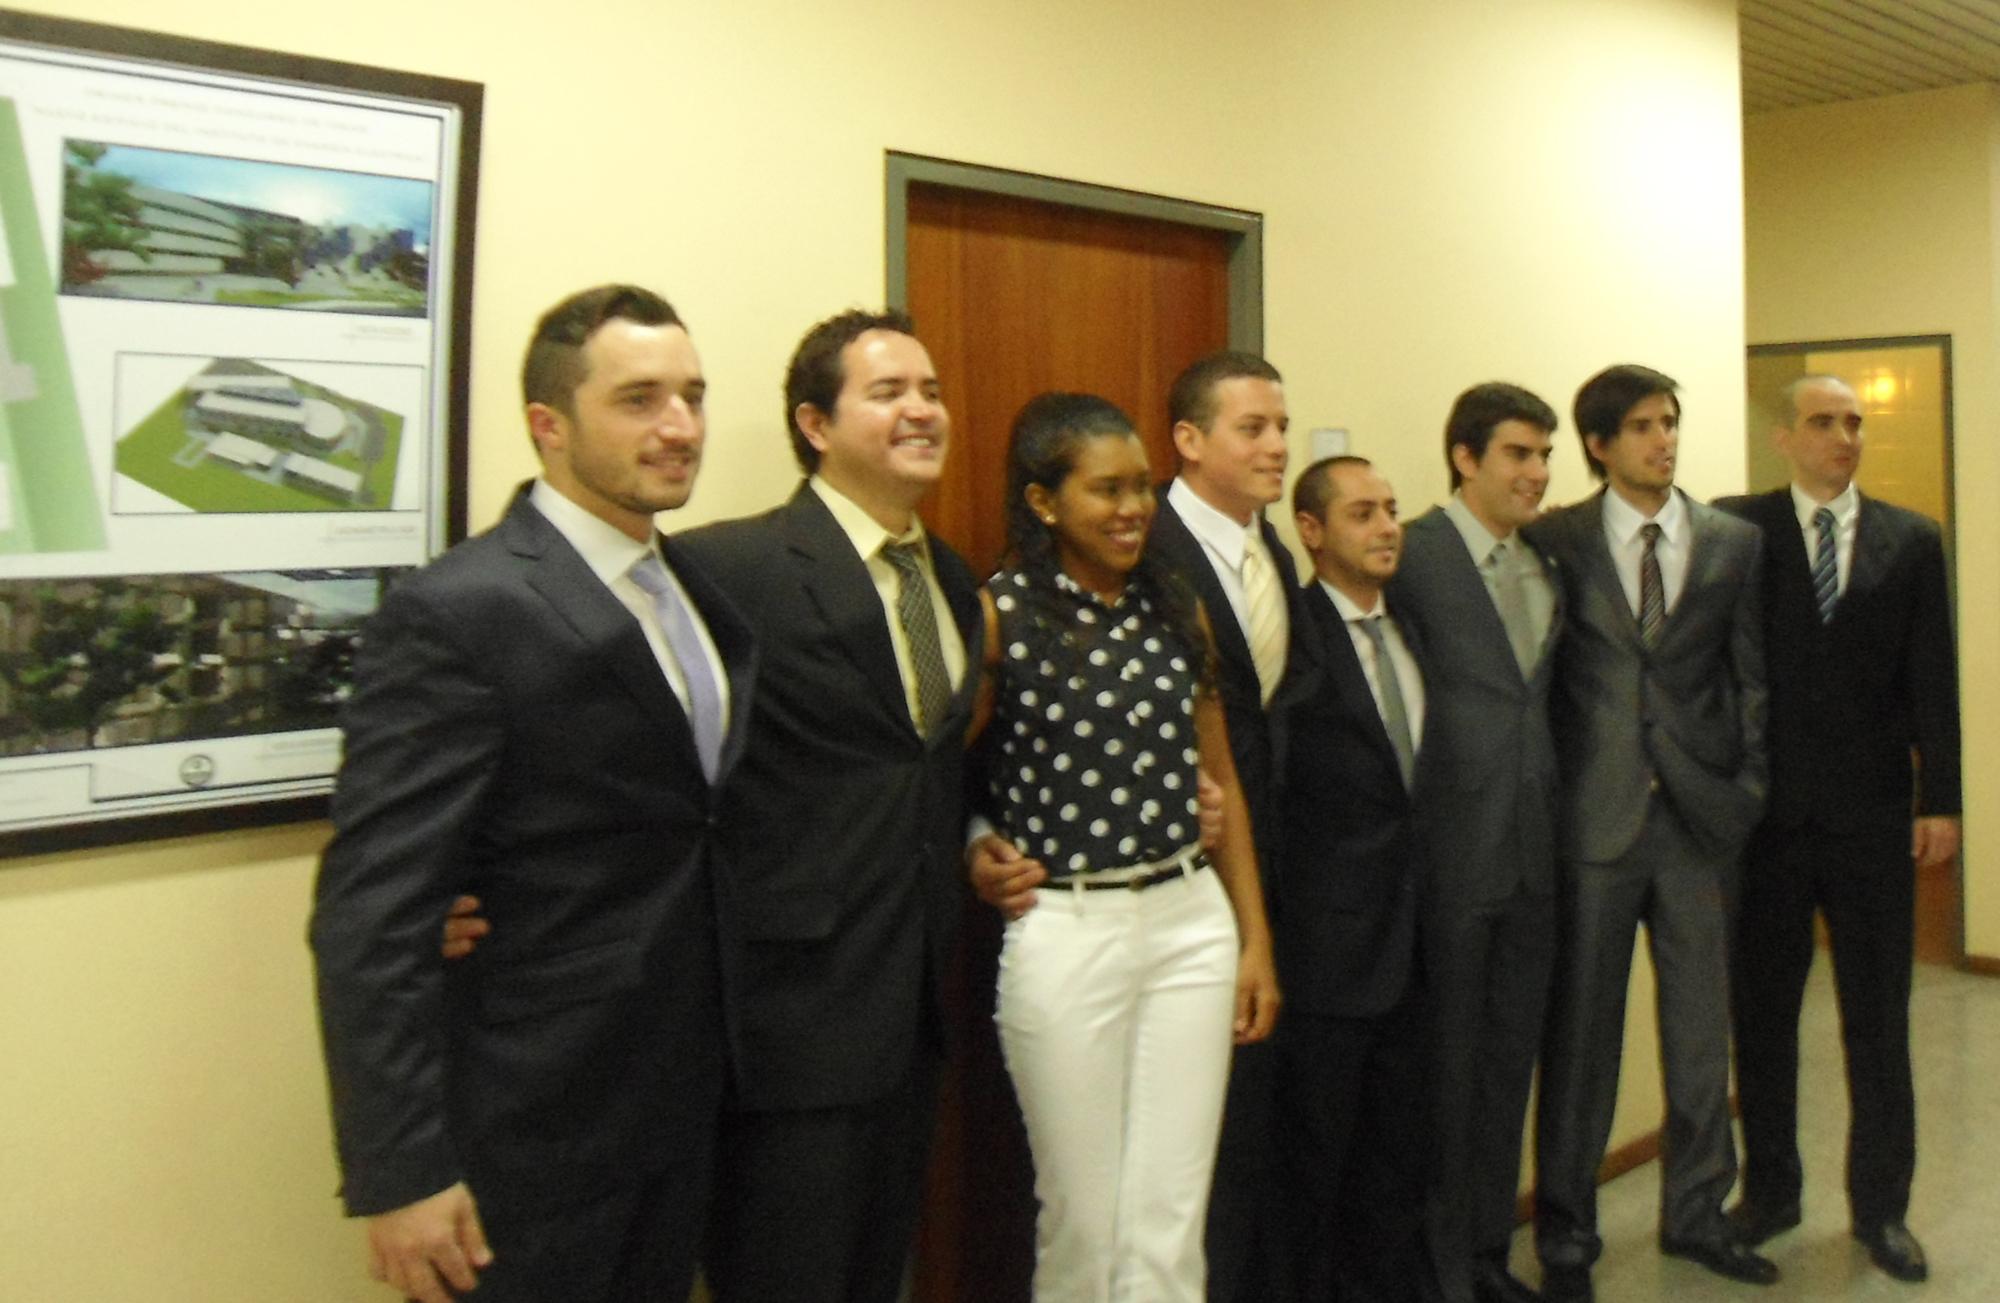 Grupo de egresados de EICAM - UNSJ